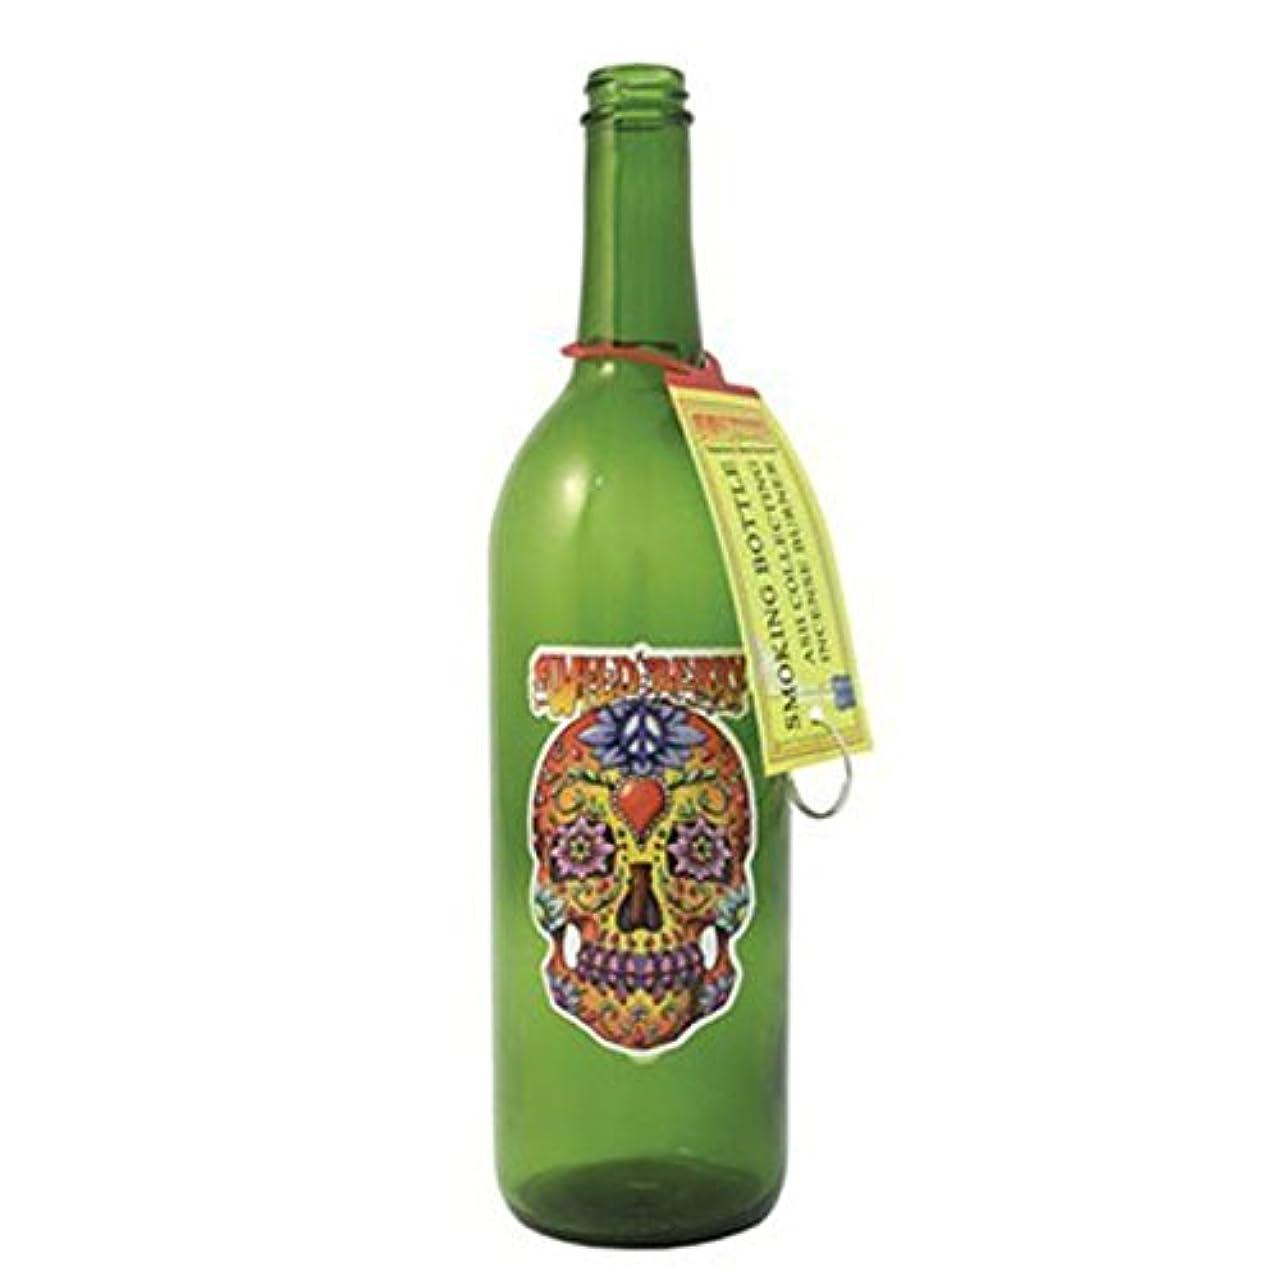 科学的遡る牧師グリーンガラスIncense Smokingボトルシュガースカルデザイン、Plus 10 SticksフリーオレンジIncense